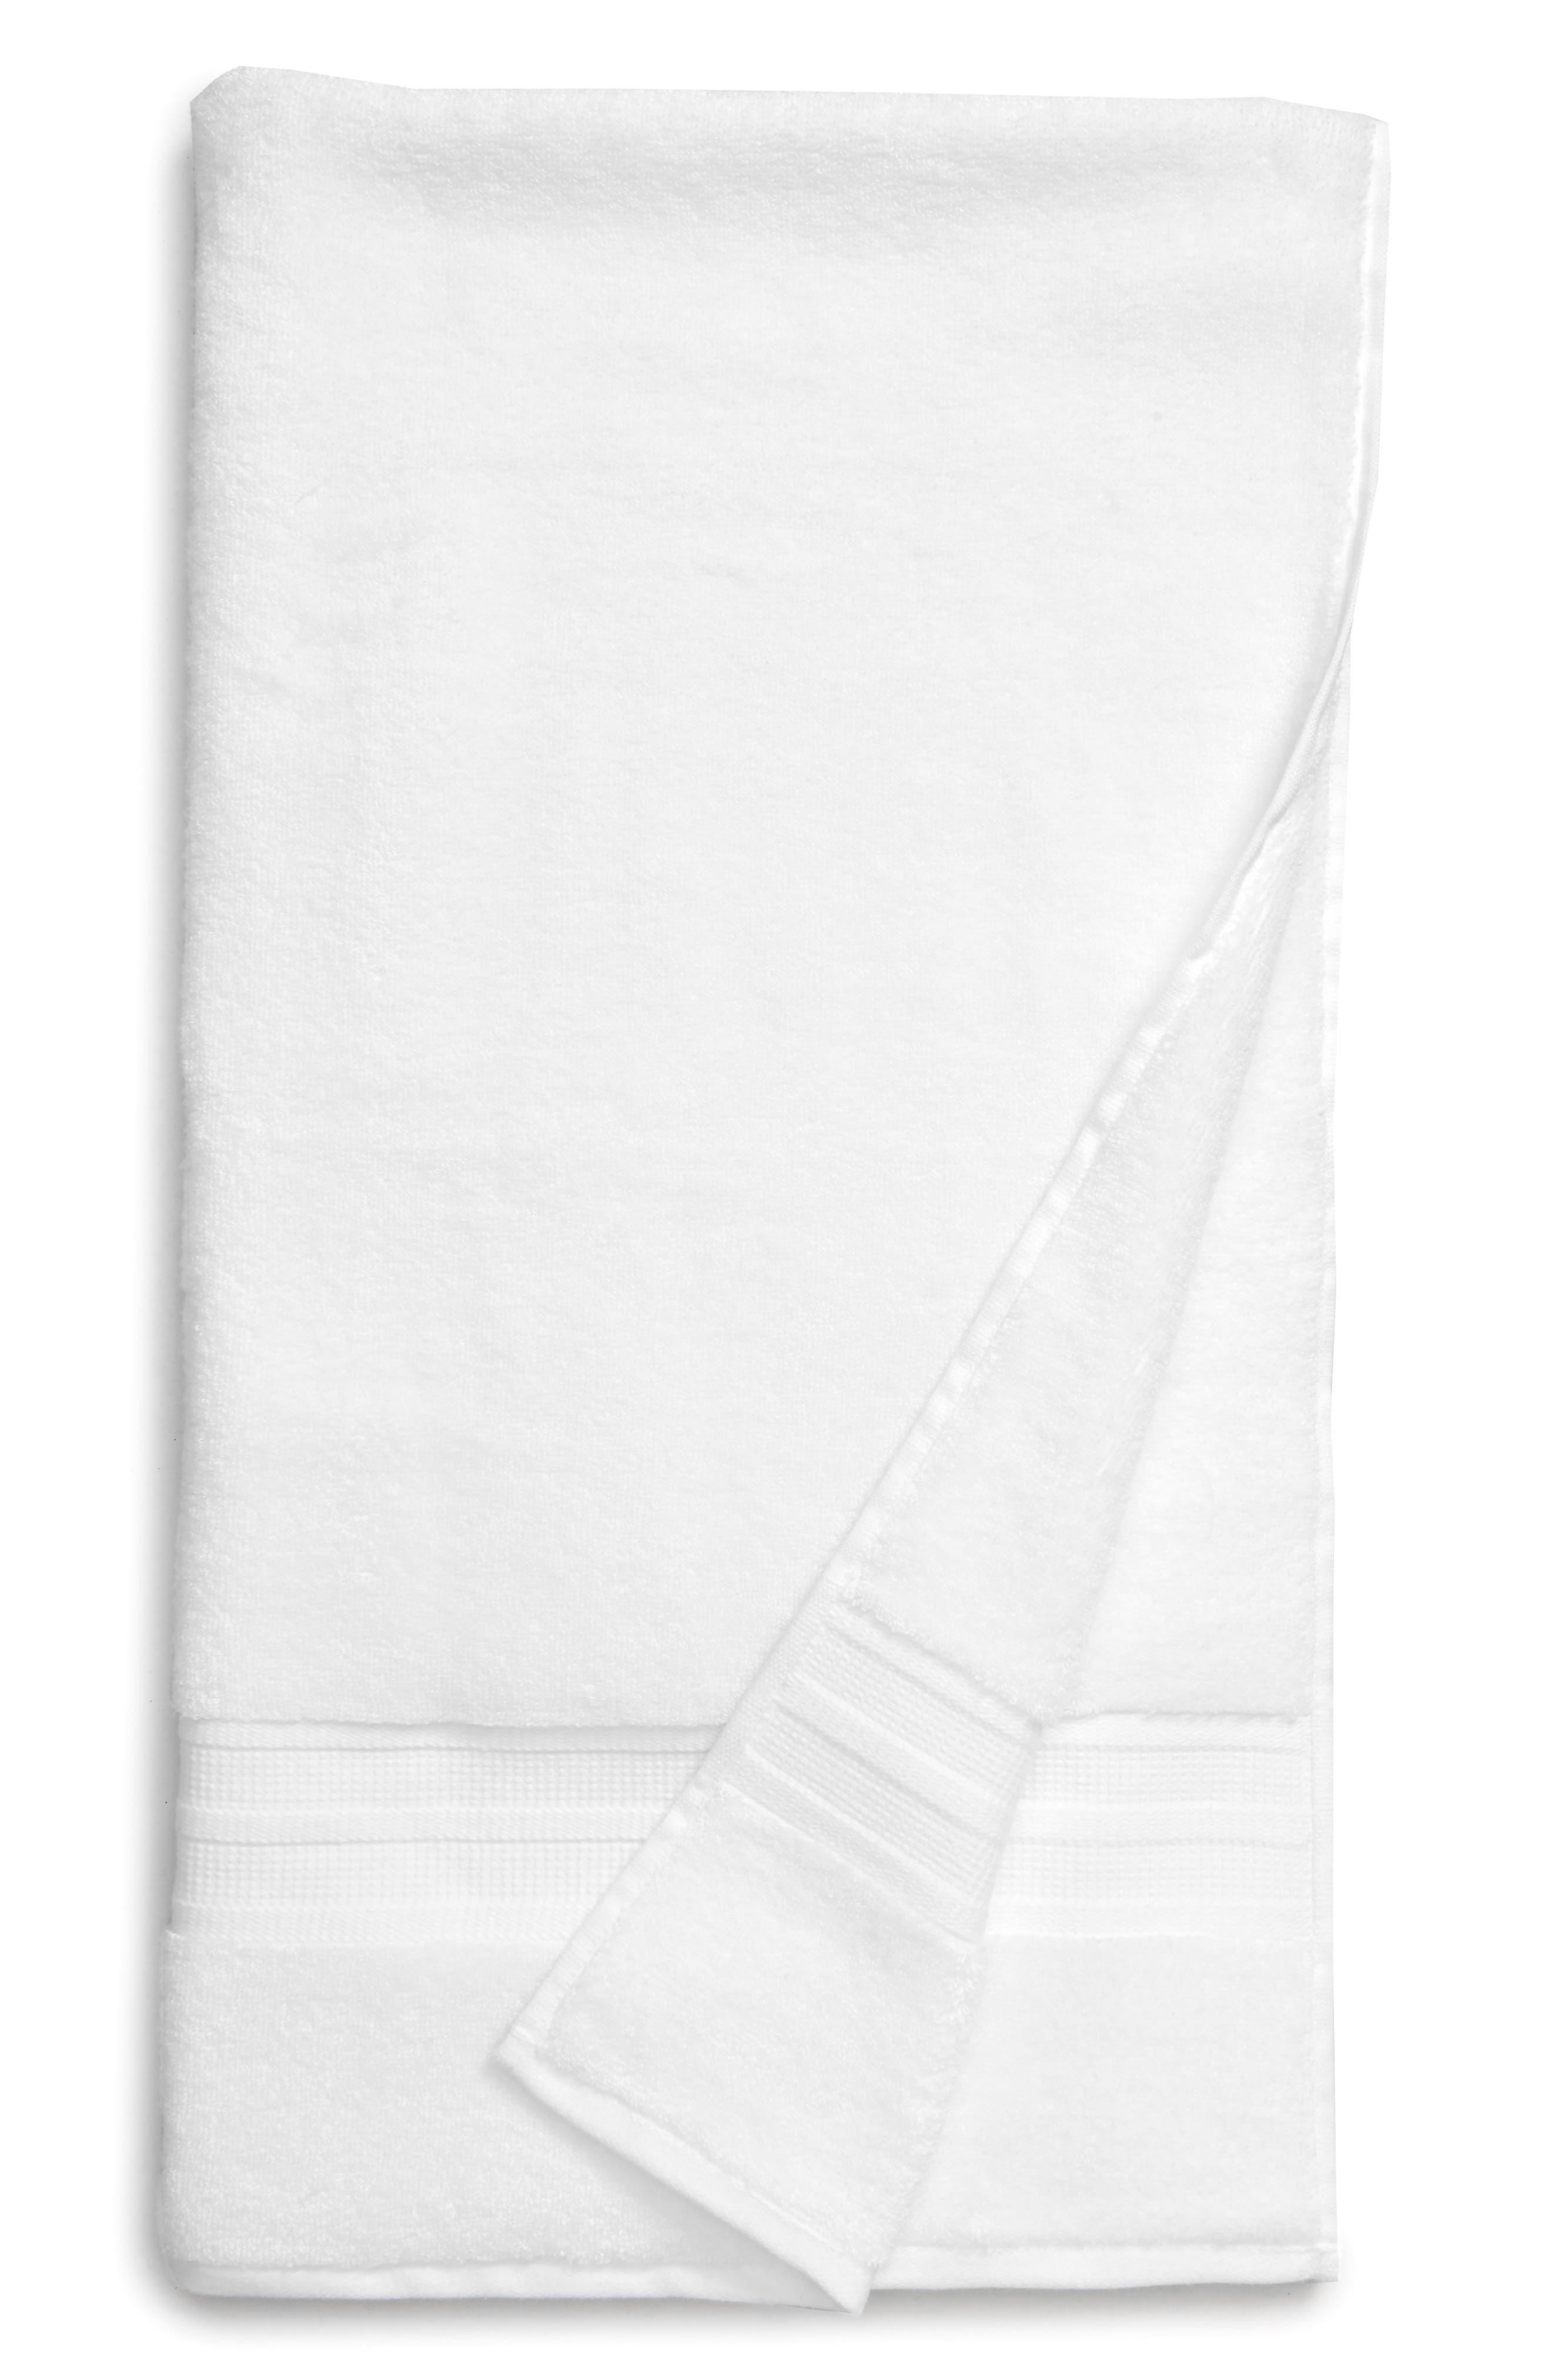 Image of Nordstrom Modal Blend Bath Towel